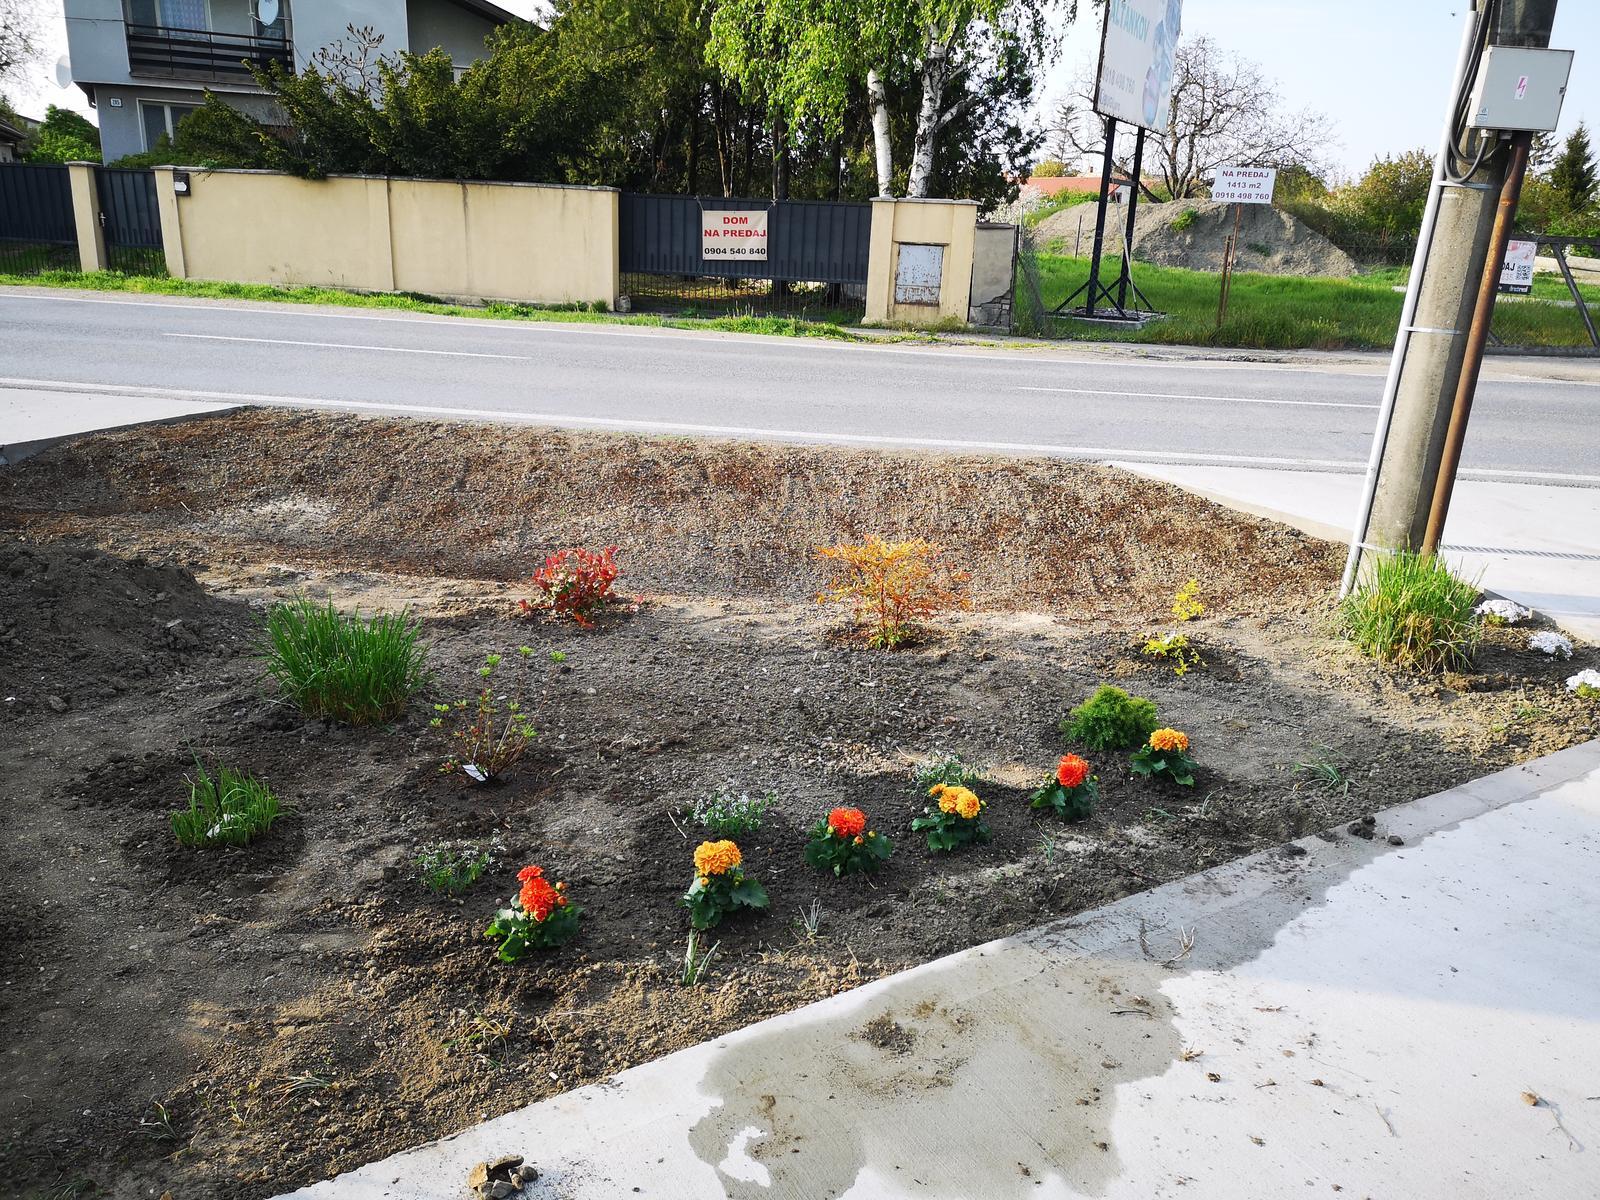 Rekonstrukcia RD - Sice je to uplne inak jak som si to predstavoval, ale travy boli zadarmo, a zvysok nakupila manzelka v duchu toto sa mi pacilo, niekam to zasad. Jarok je k tomu mix datelina (eco lawn) a pas lucnych kvetov, uvidime co a ci vyrastie